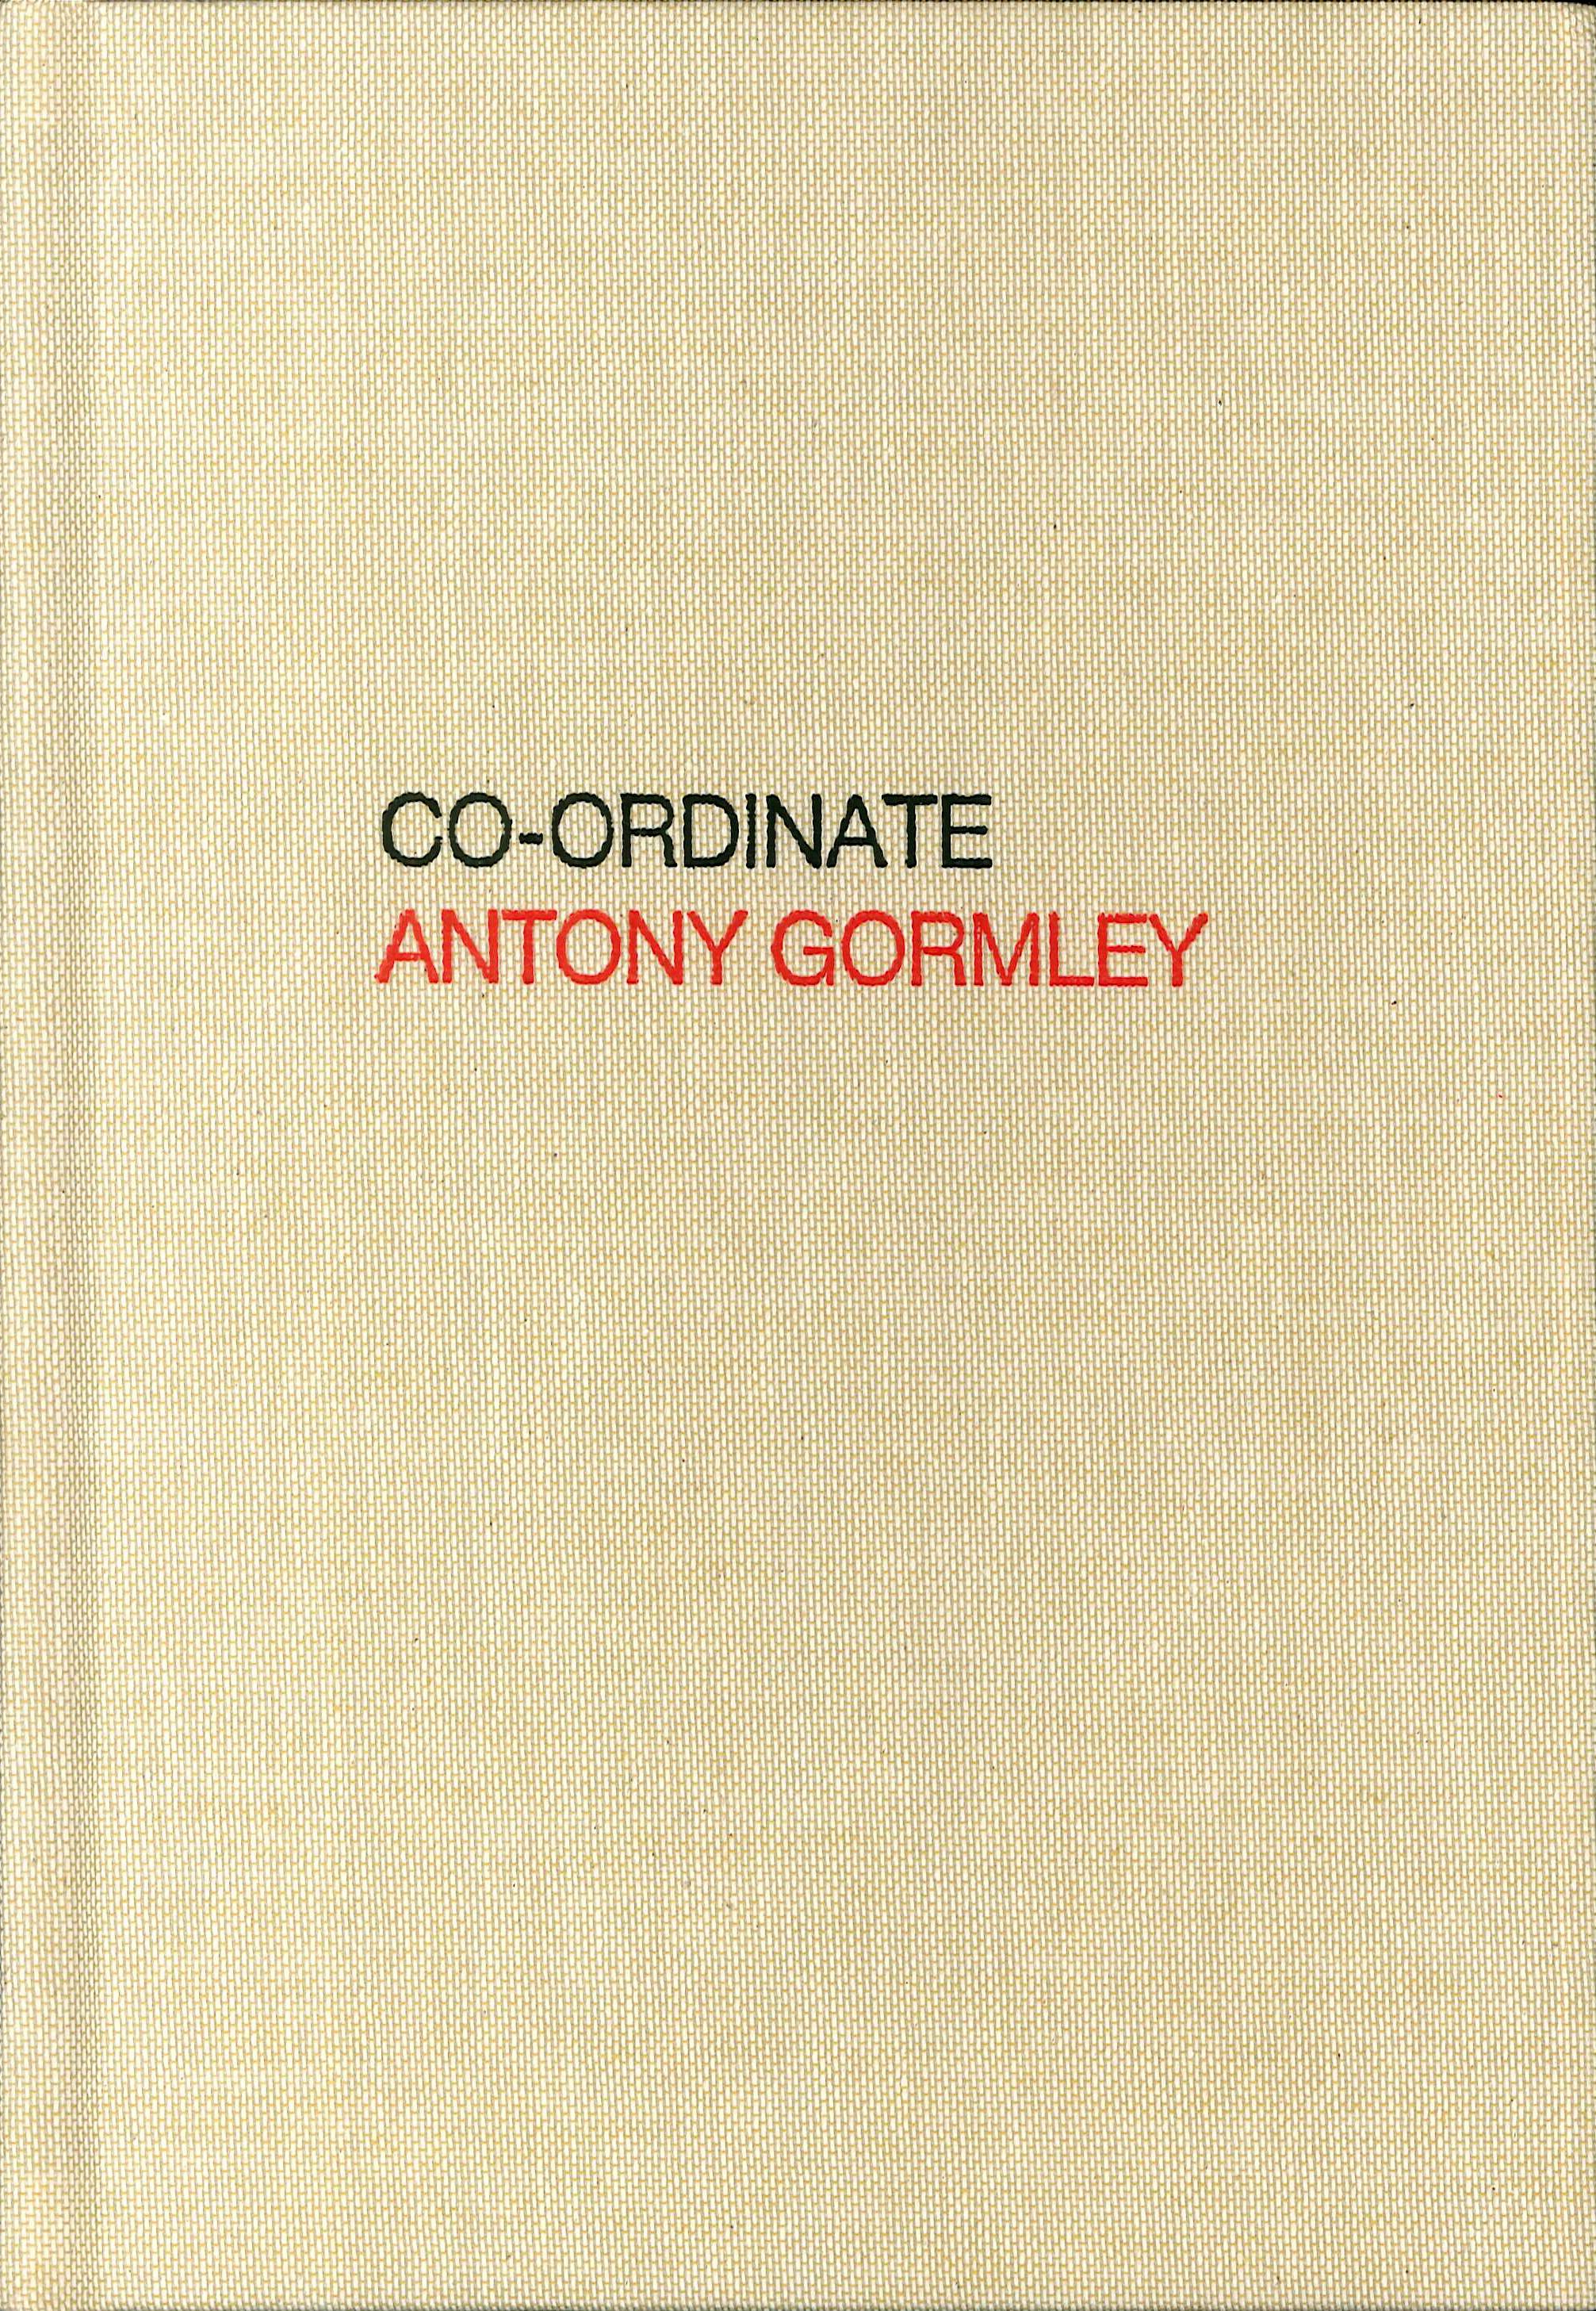 Antony Gormley. Co-ordinate.